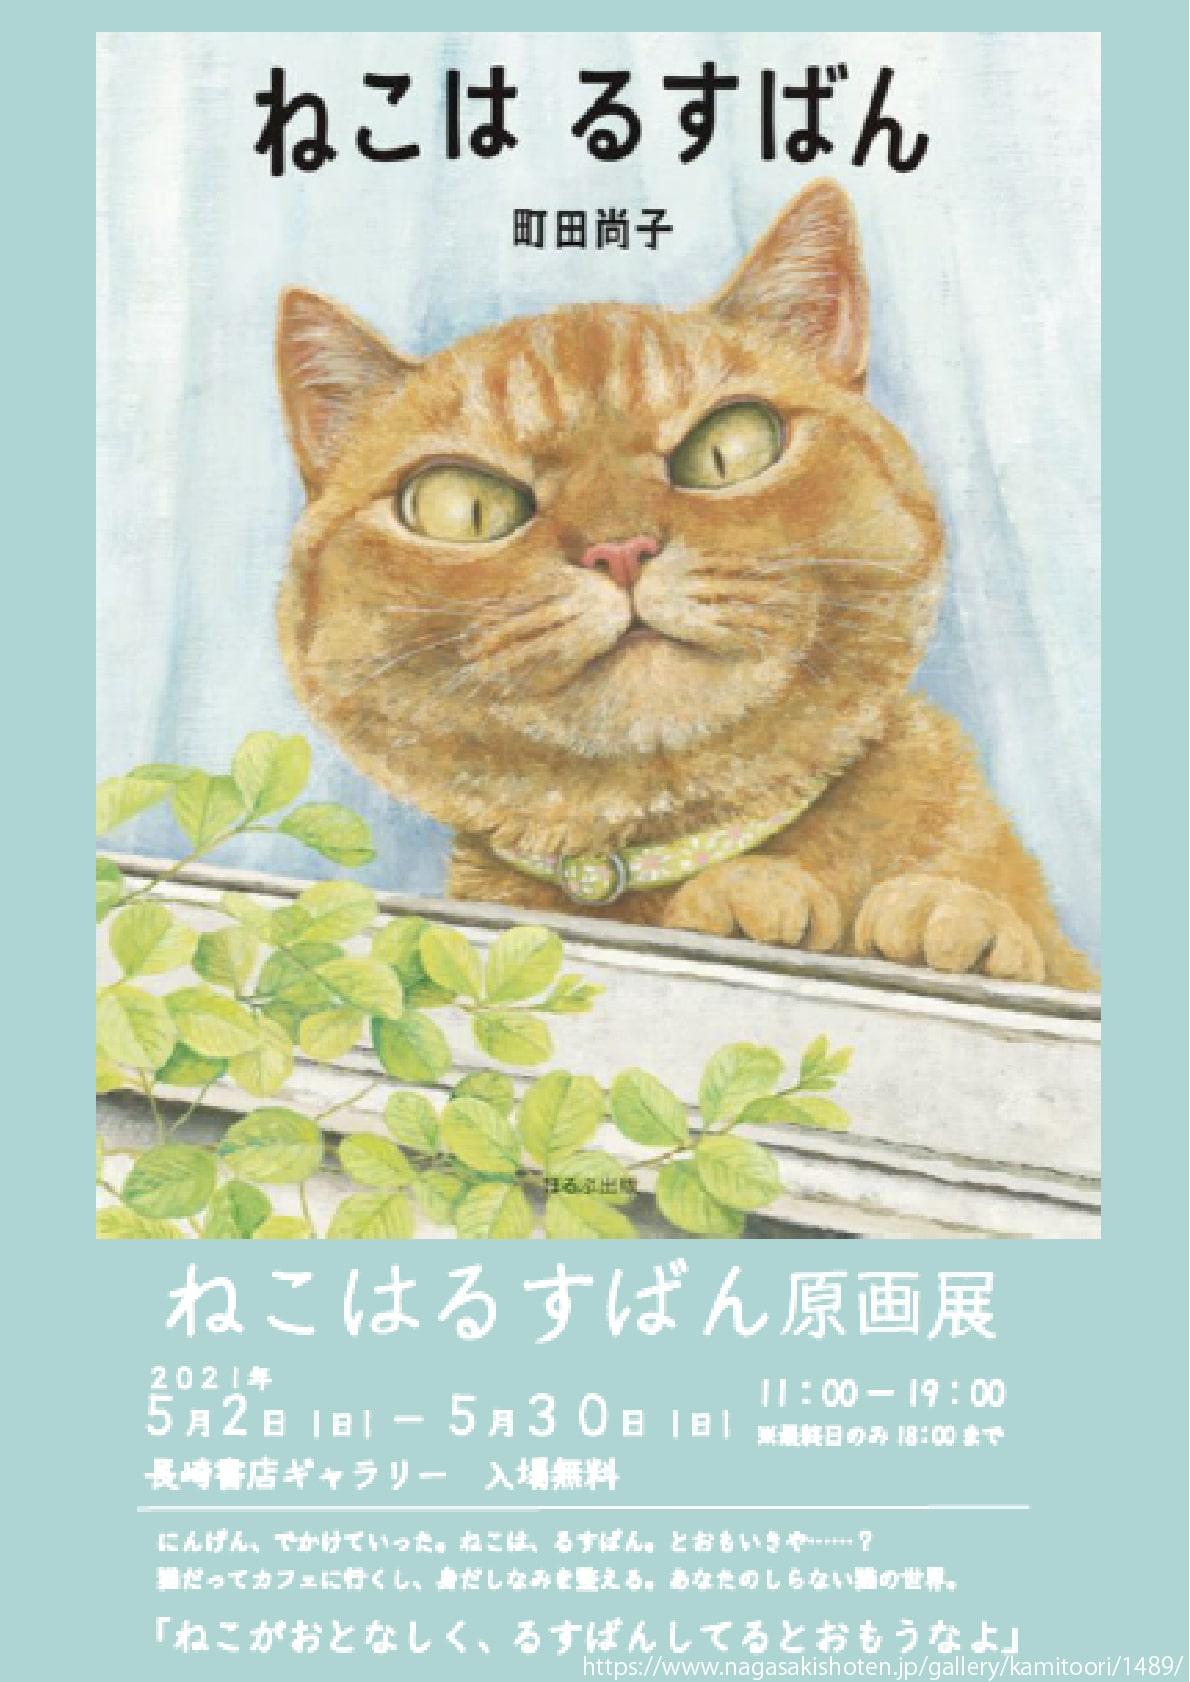 『ねこはるすばん』原画展 in 長崎書店チラシ1